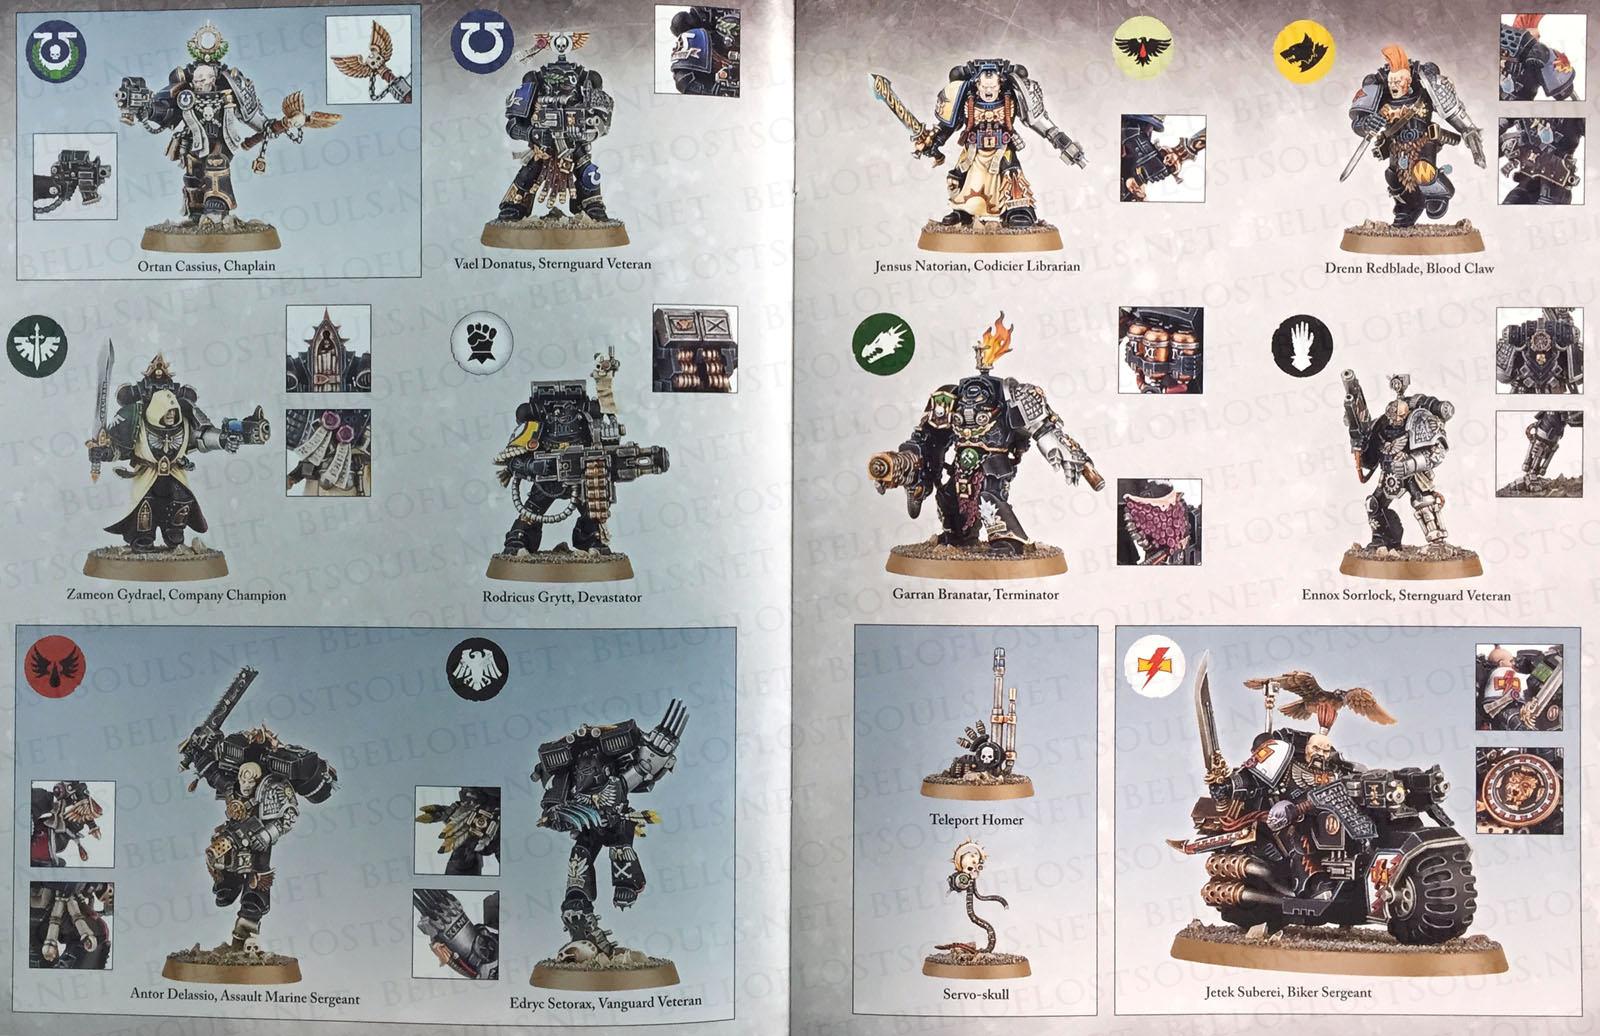 Drenn Redblade Warhammer 40k Kill Team Cassius Deathwatch Overkill